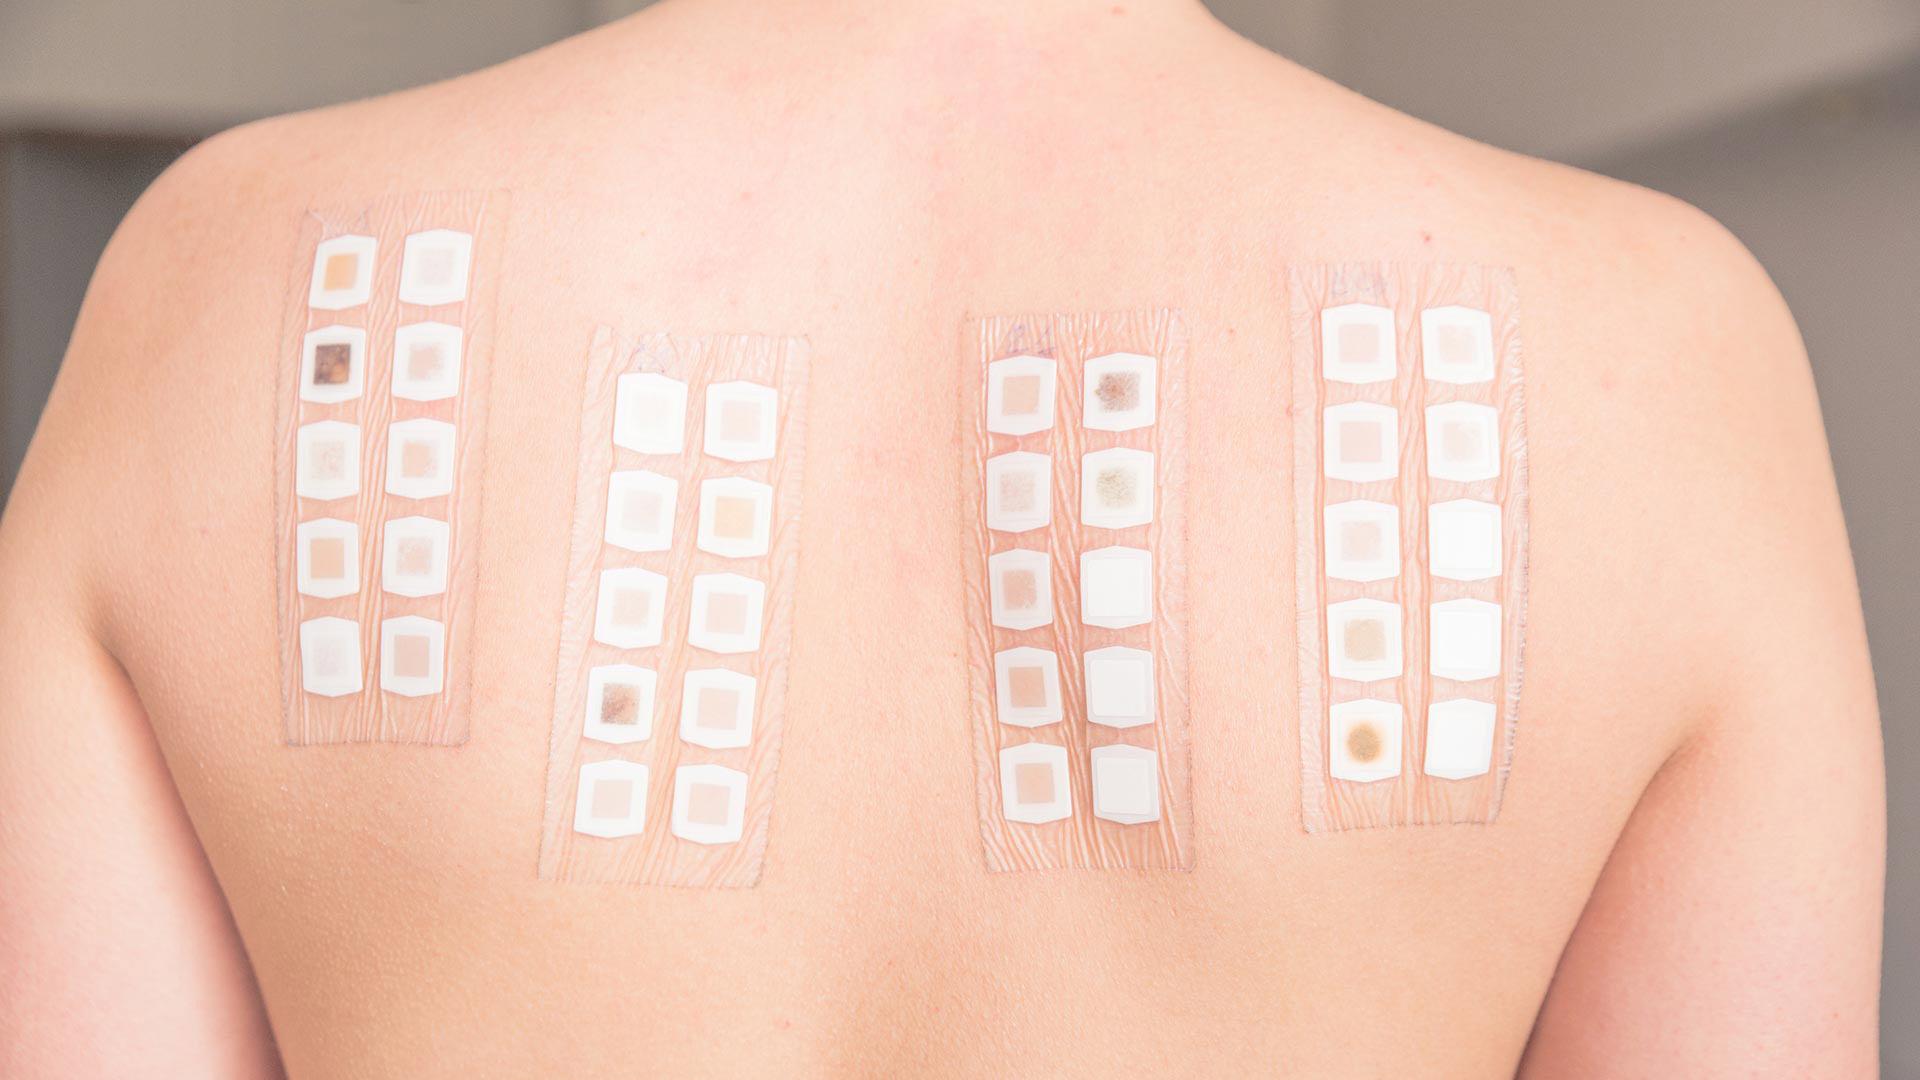 Patch test per allergie dermatologiche